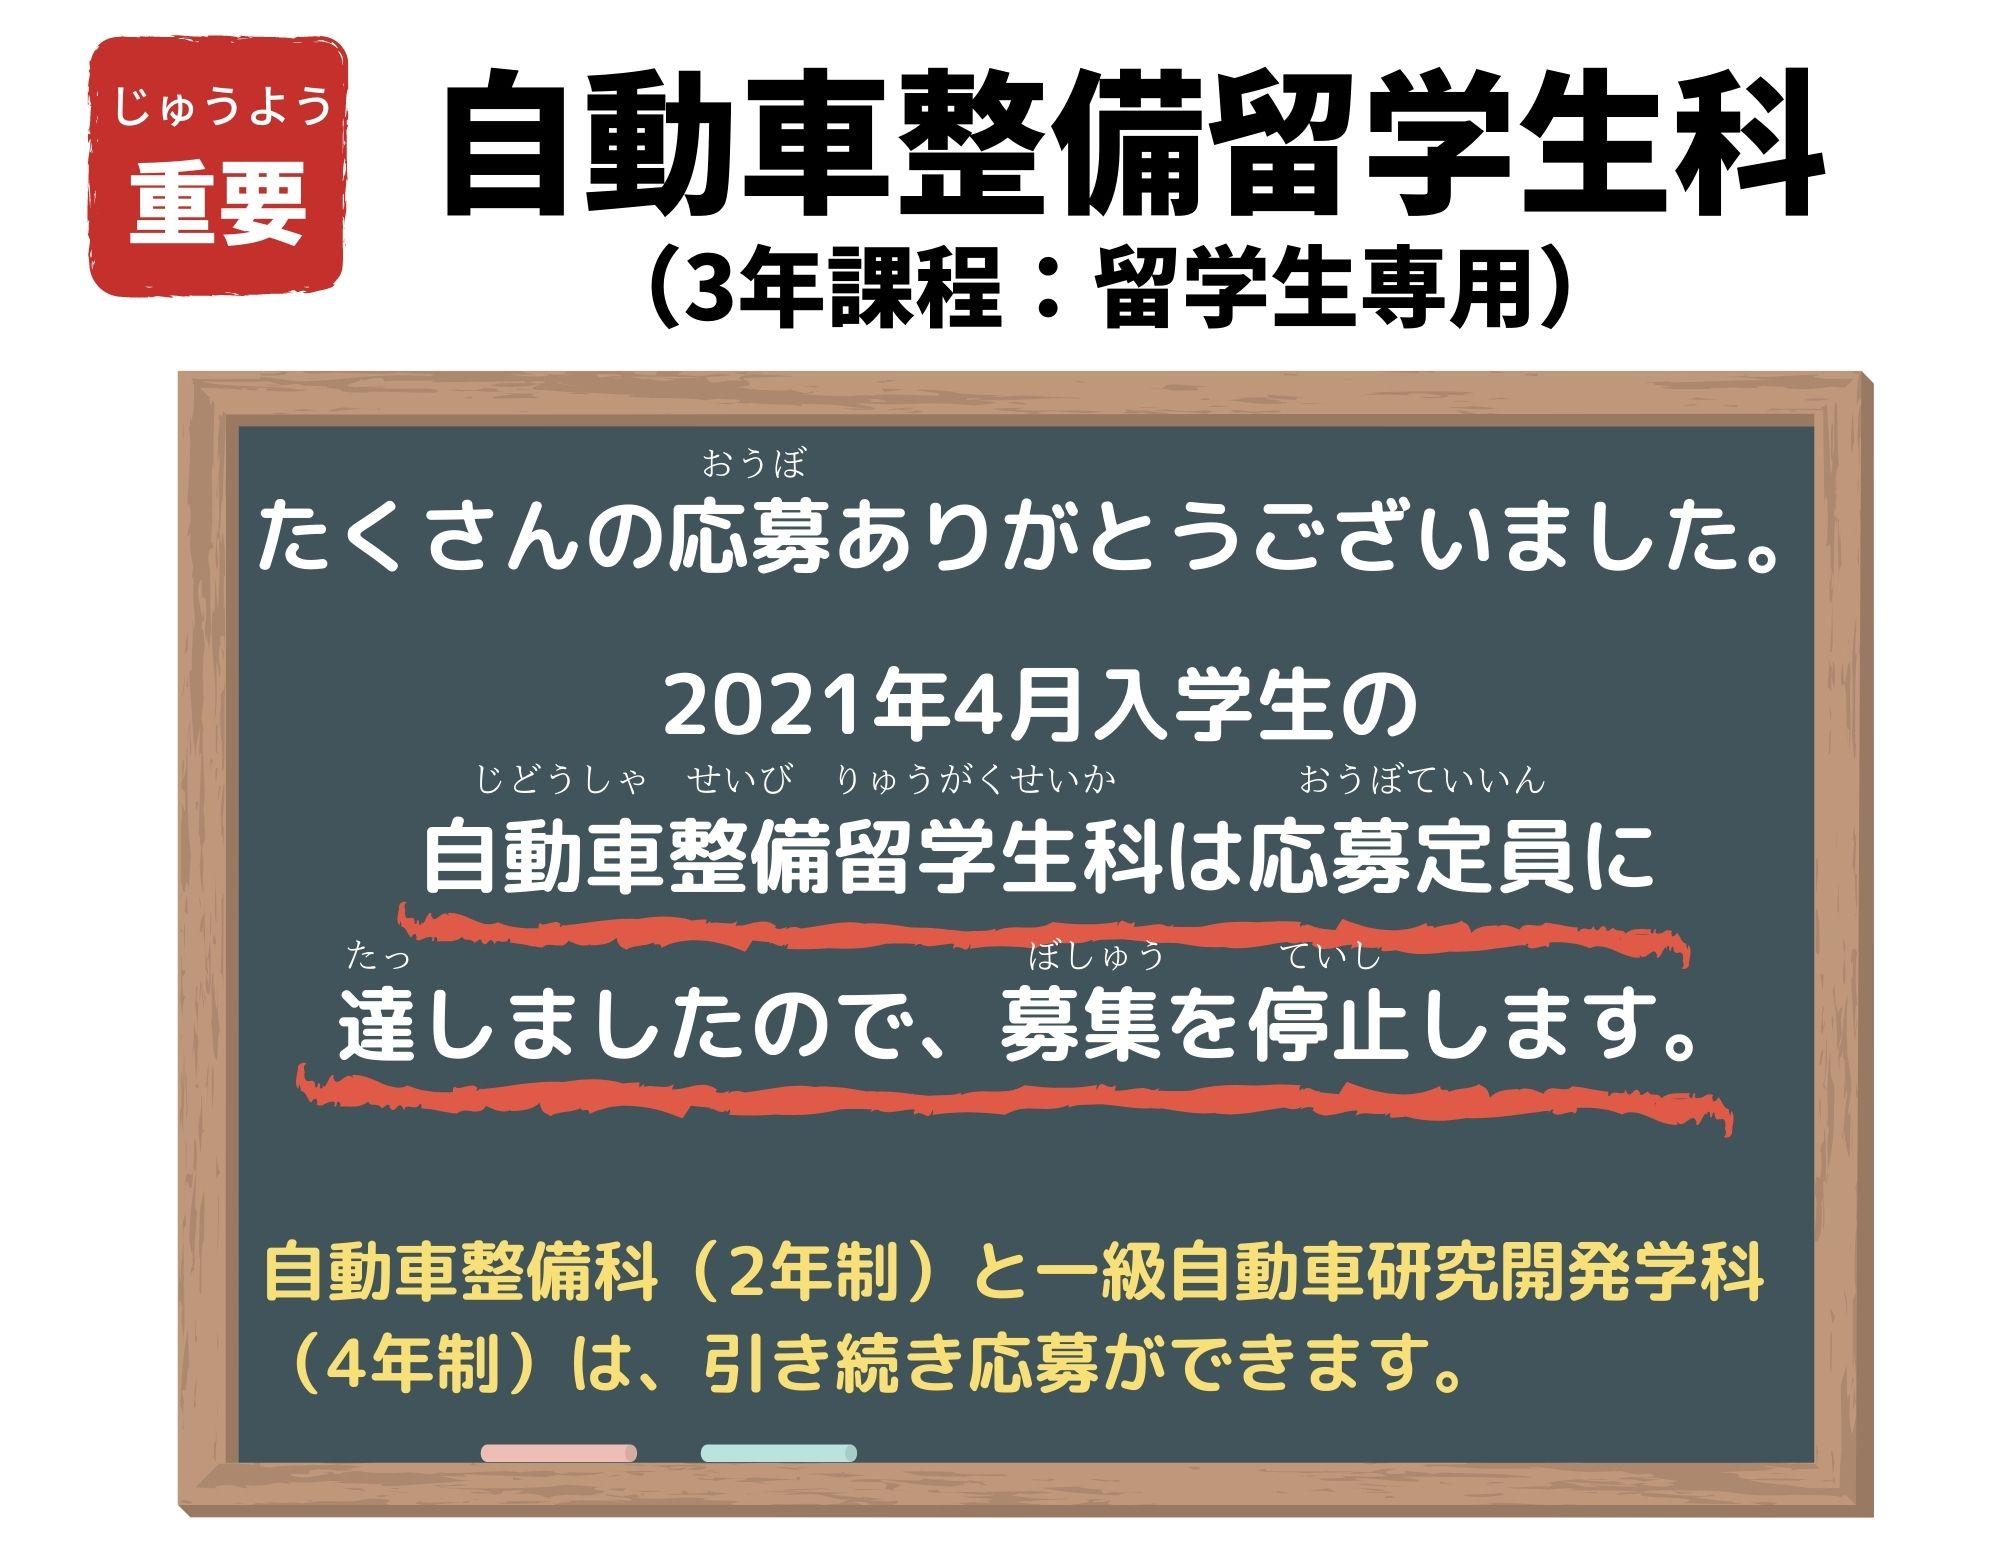 【重要】「自動車整備留学生科」募集停止(2021年4月入学生)